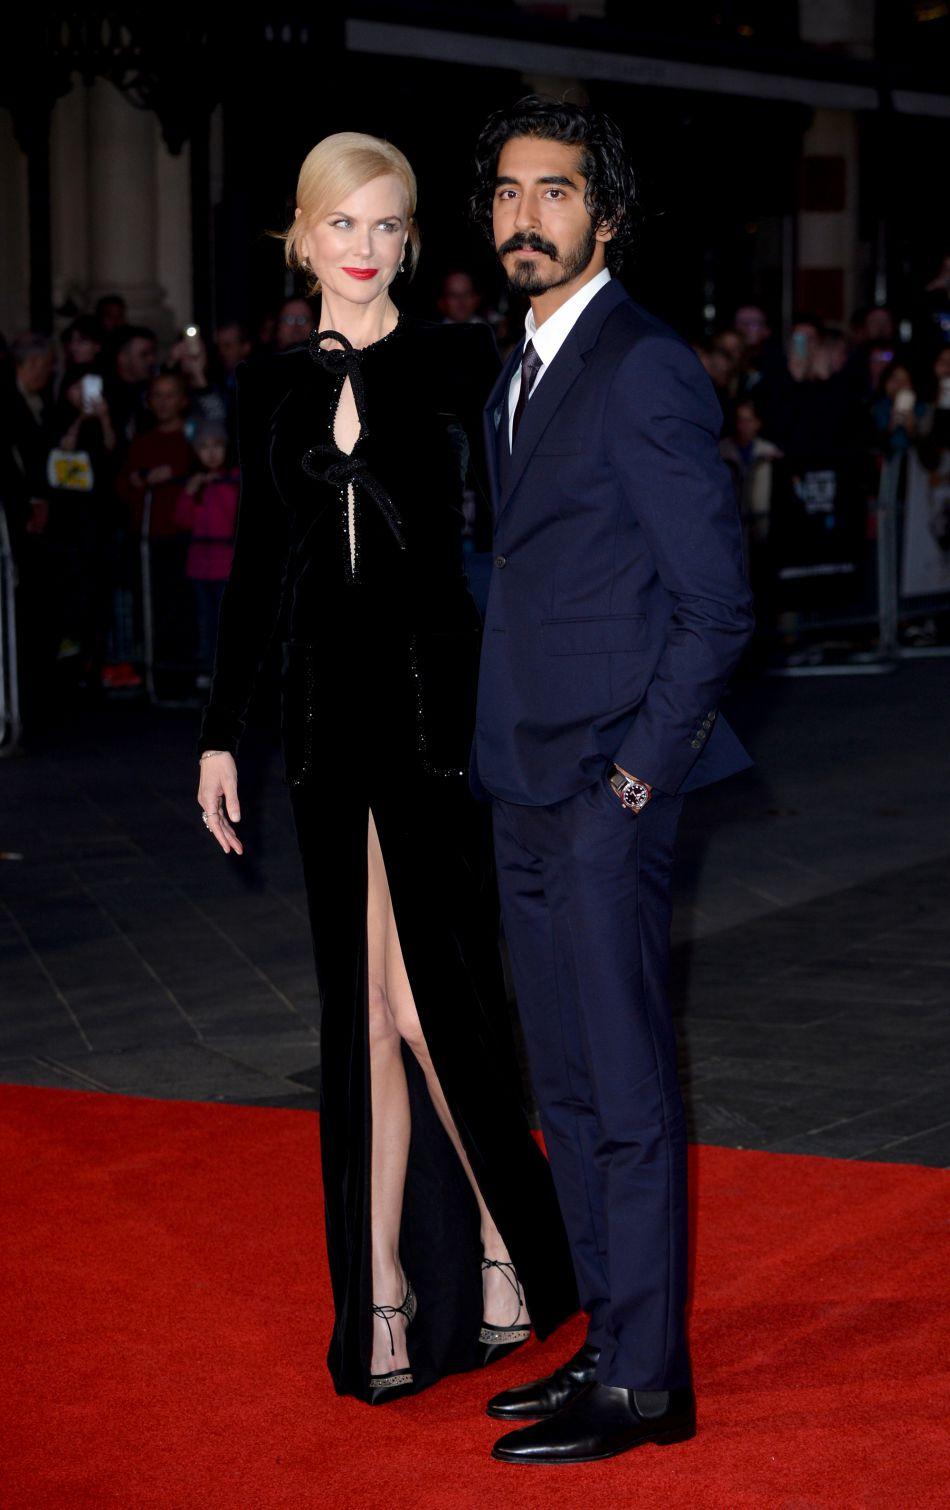 Nicole Kidman présentait le film  Lion  avec l'acteur Dev Patel.